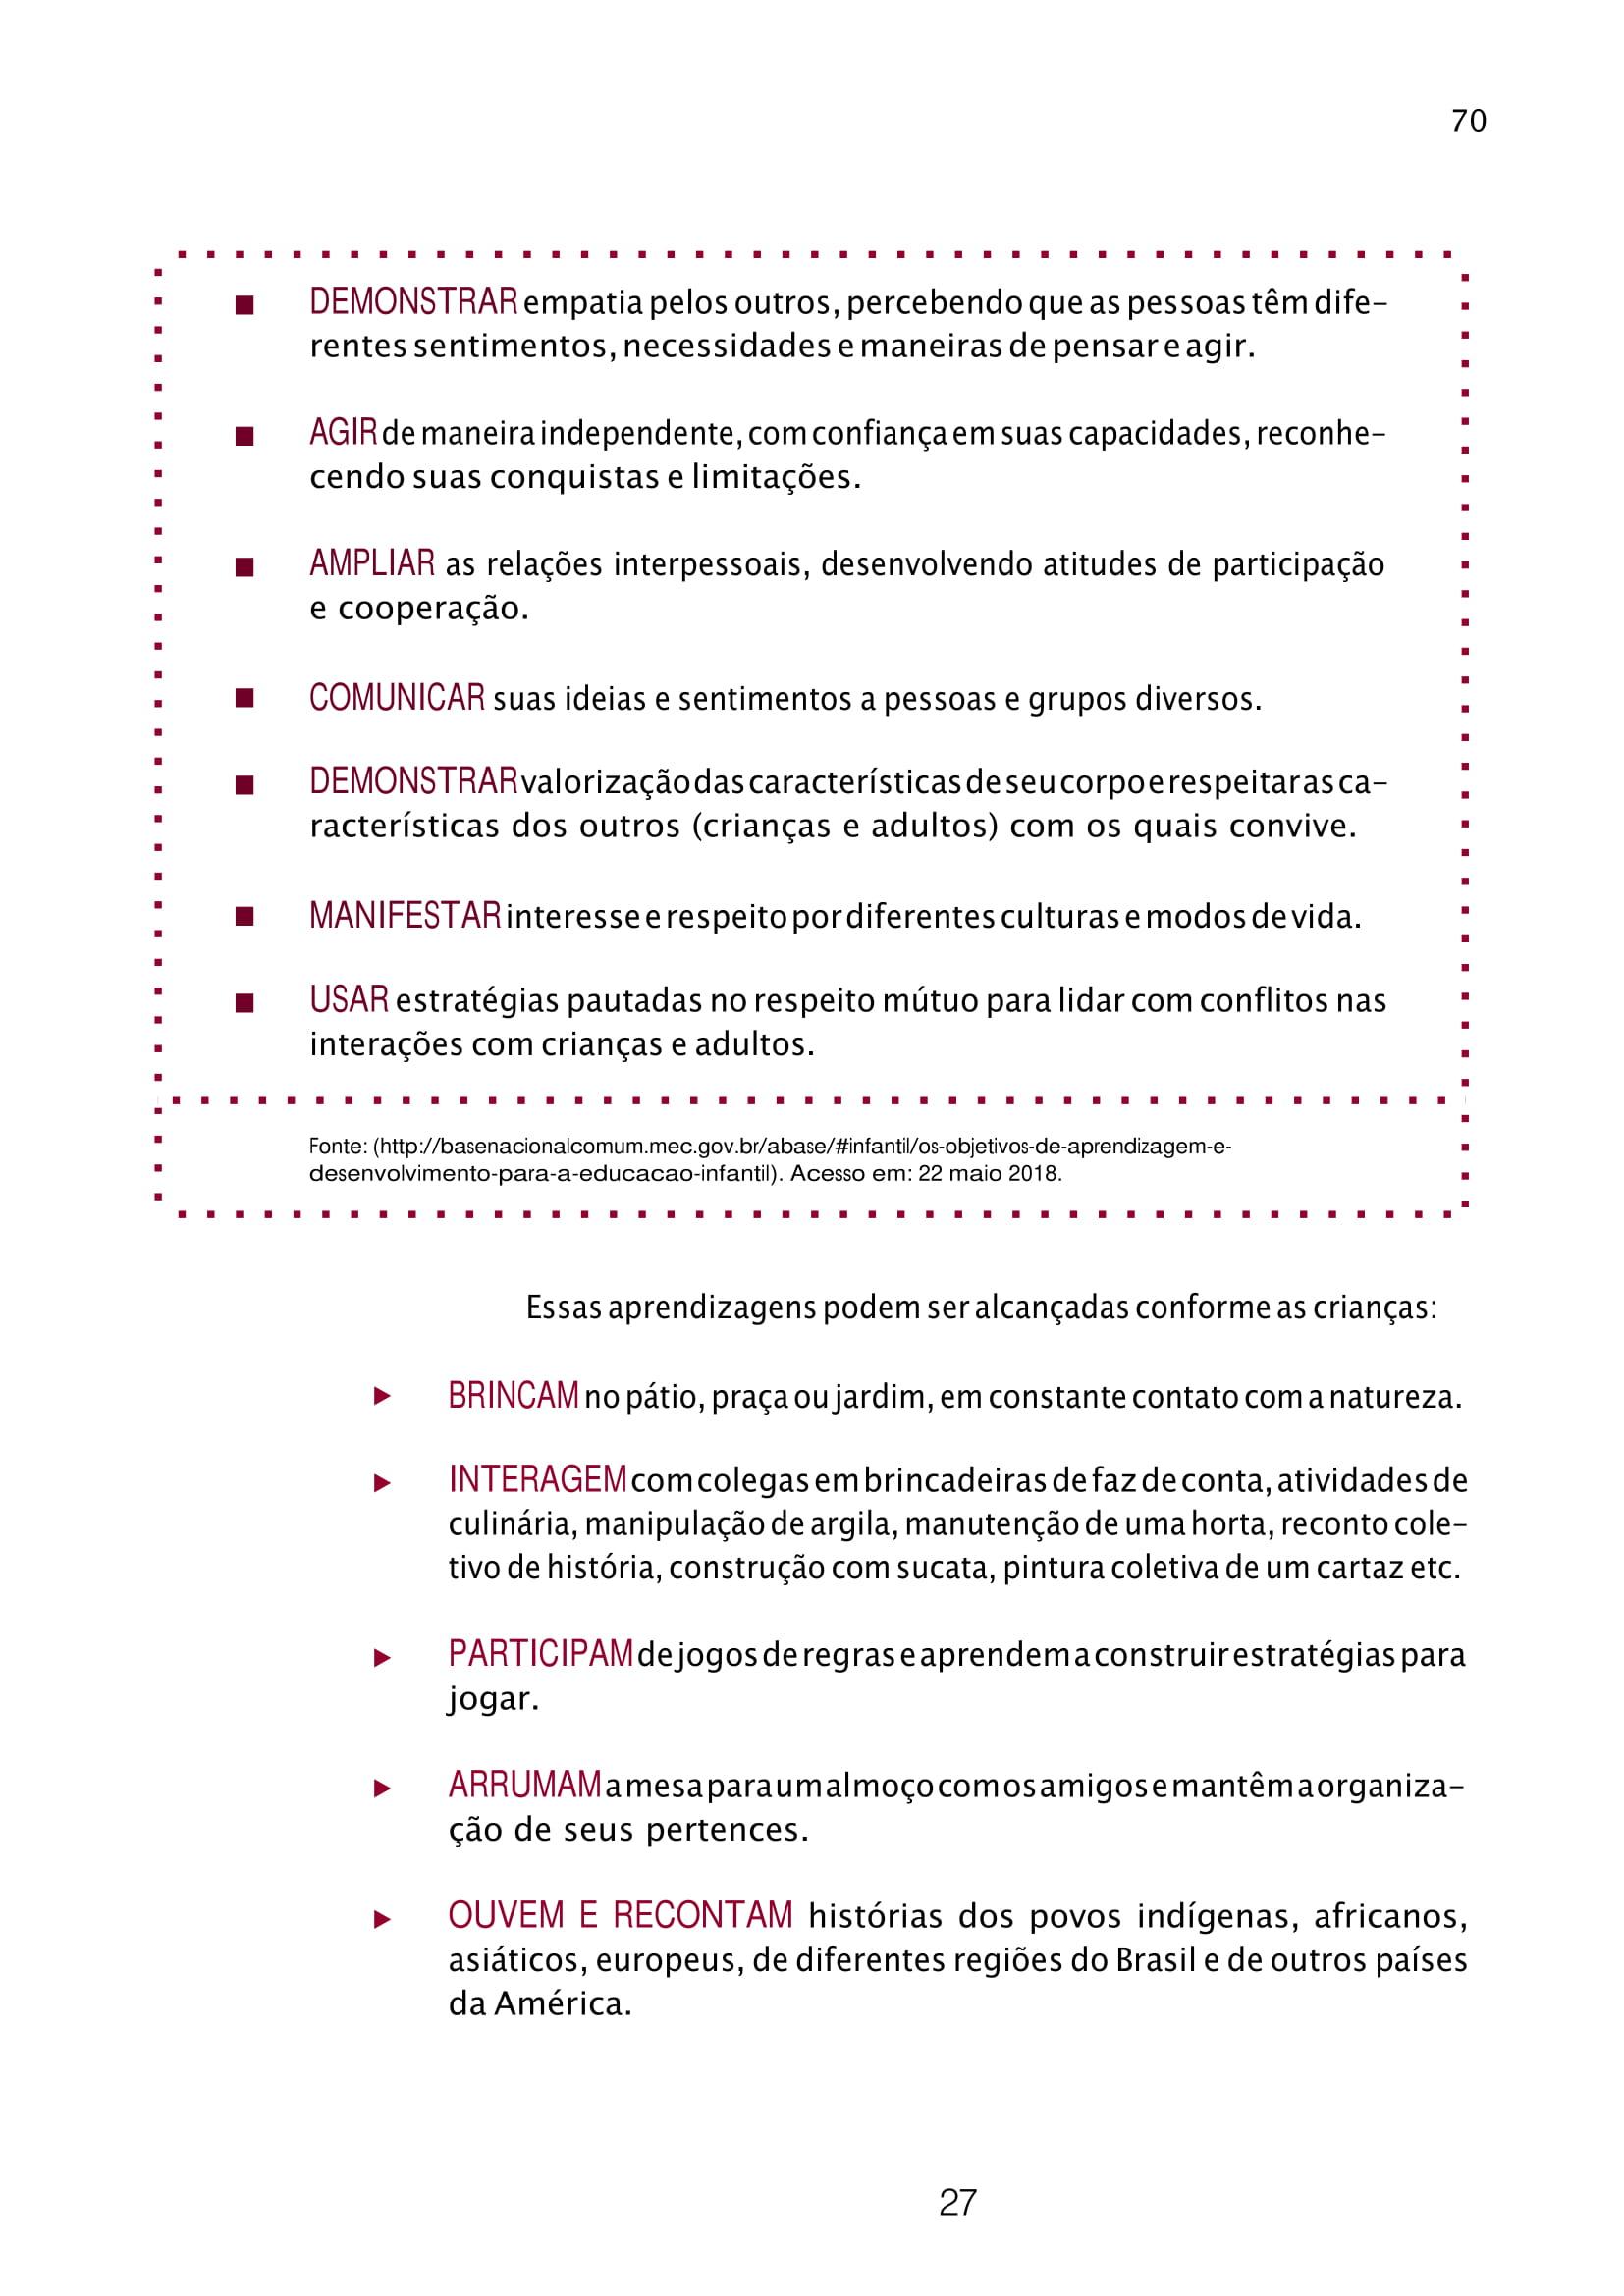 planejamento-educação-infantil-bncc-geral-100